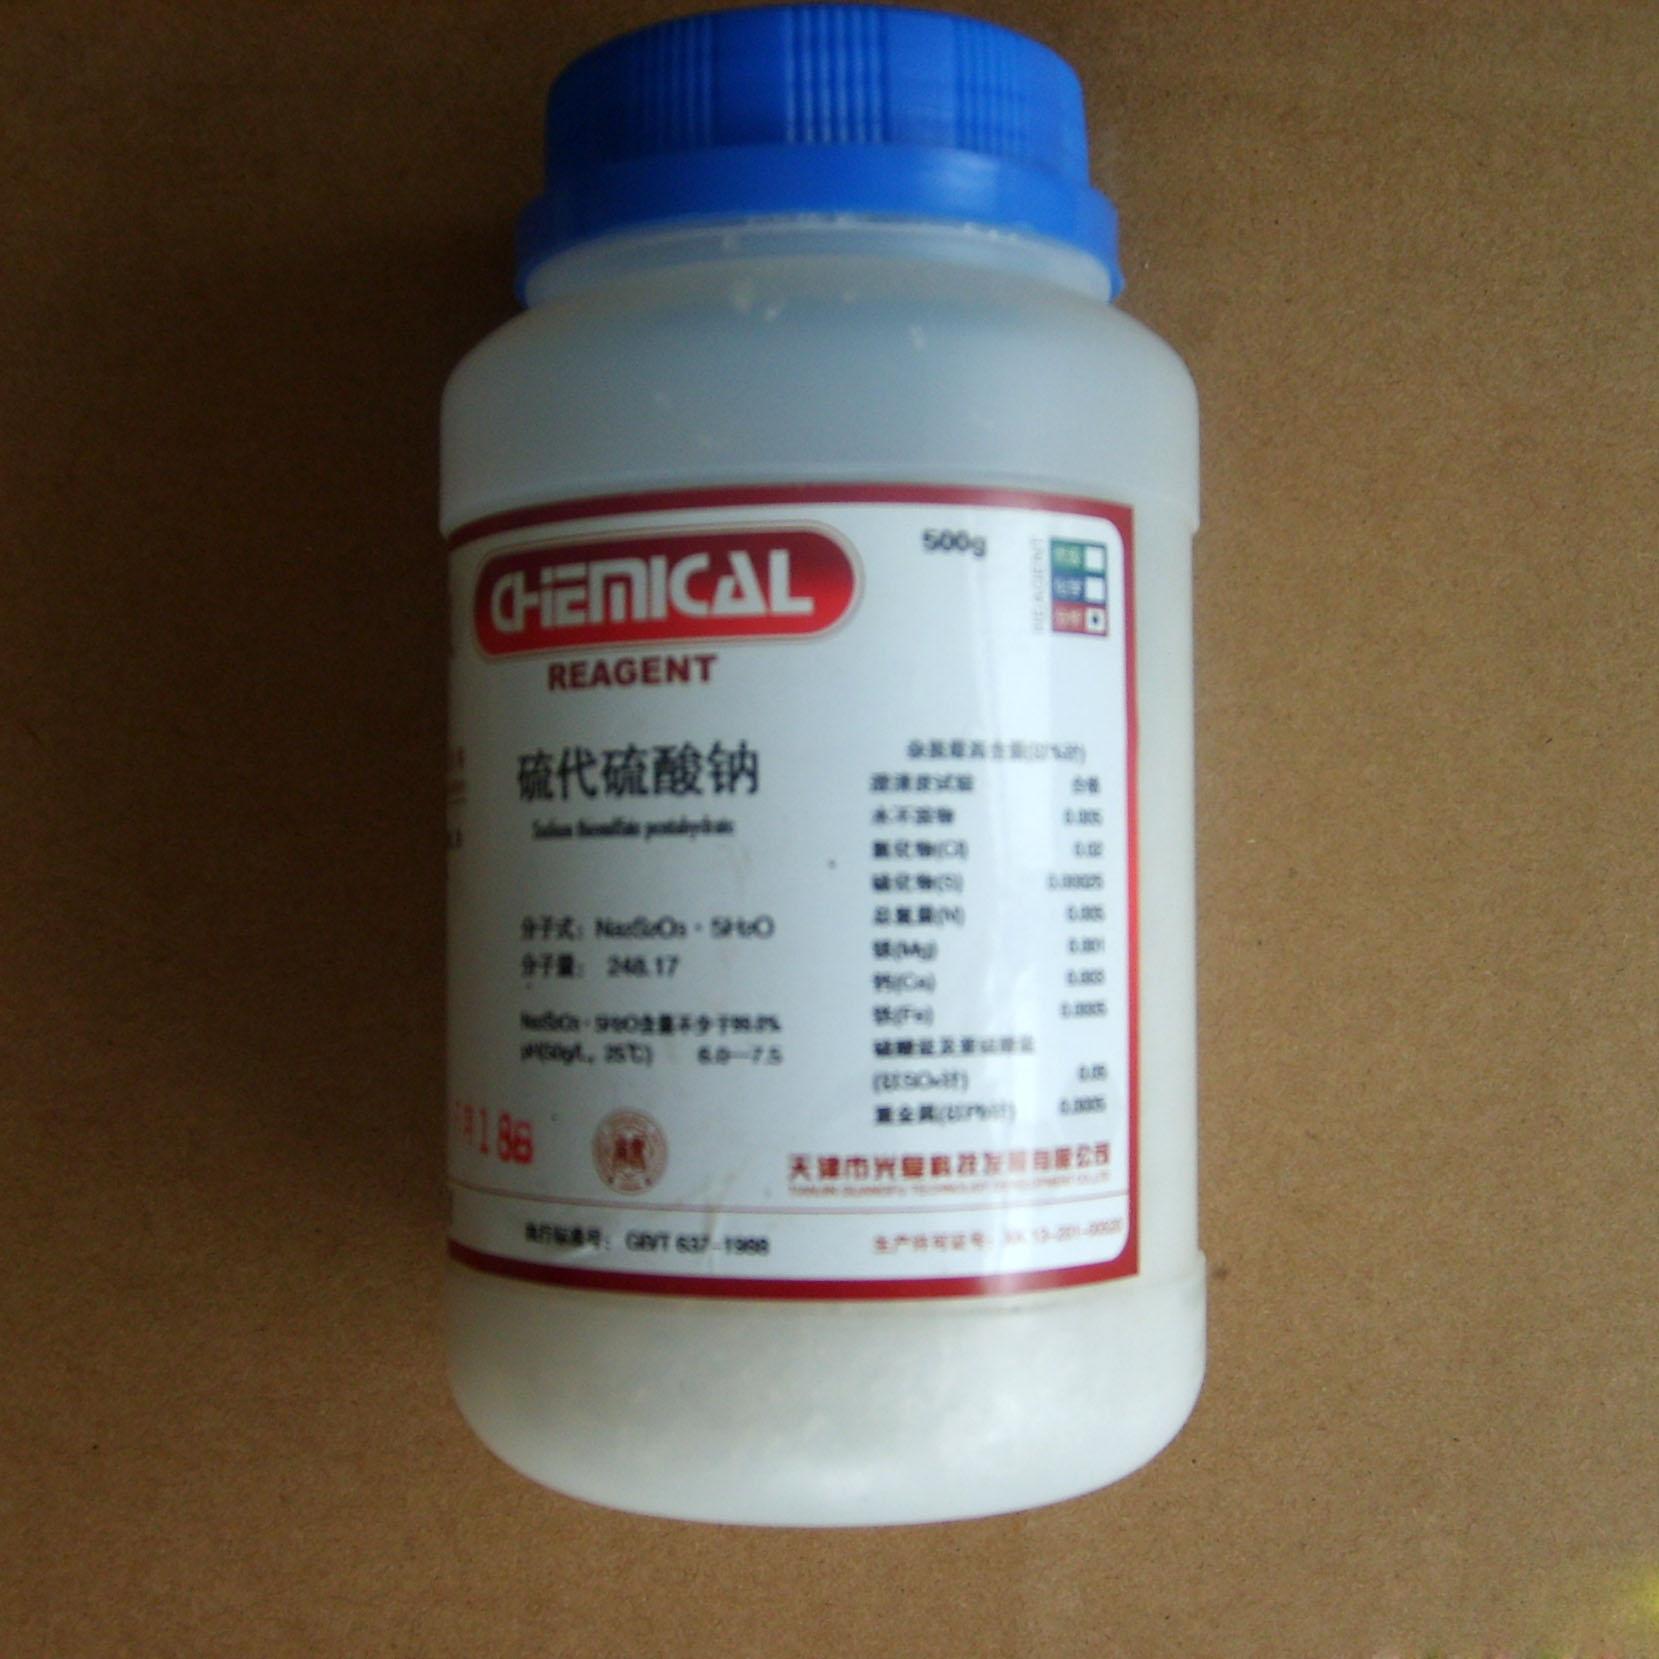 GBW(E)060342-硫代硫酸钠溶液